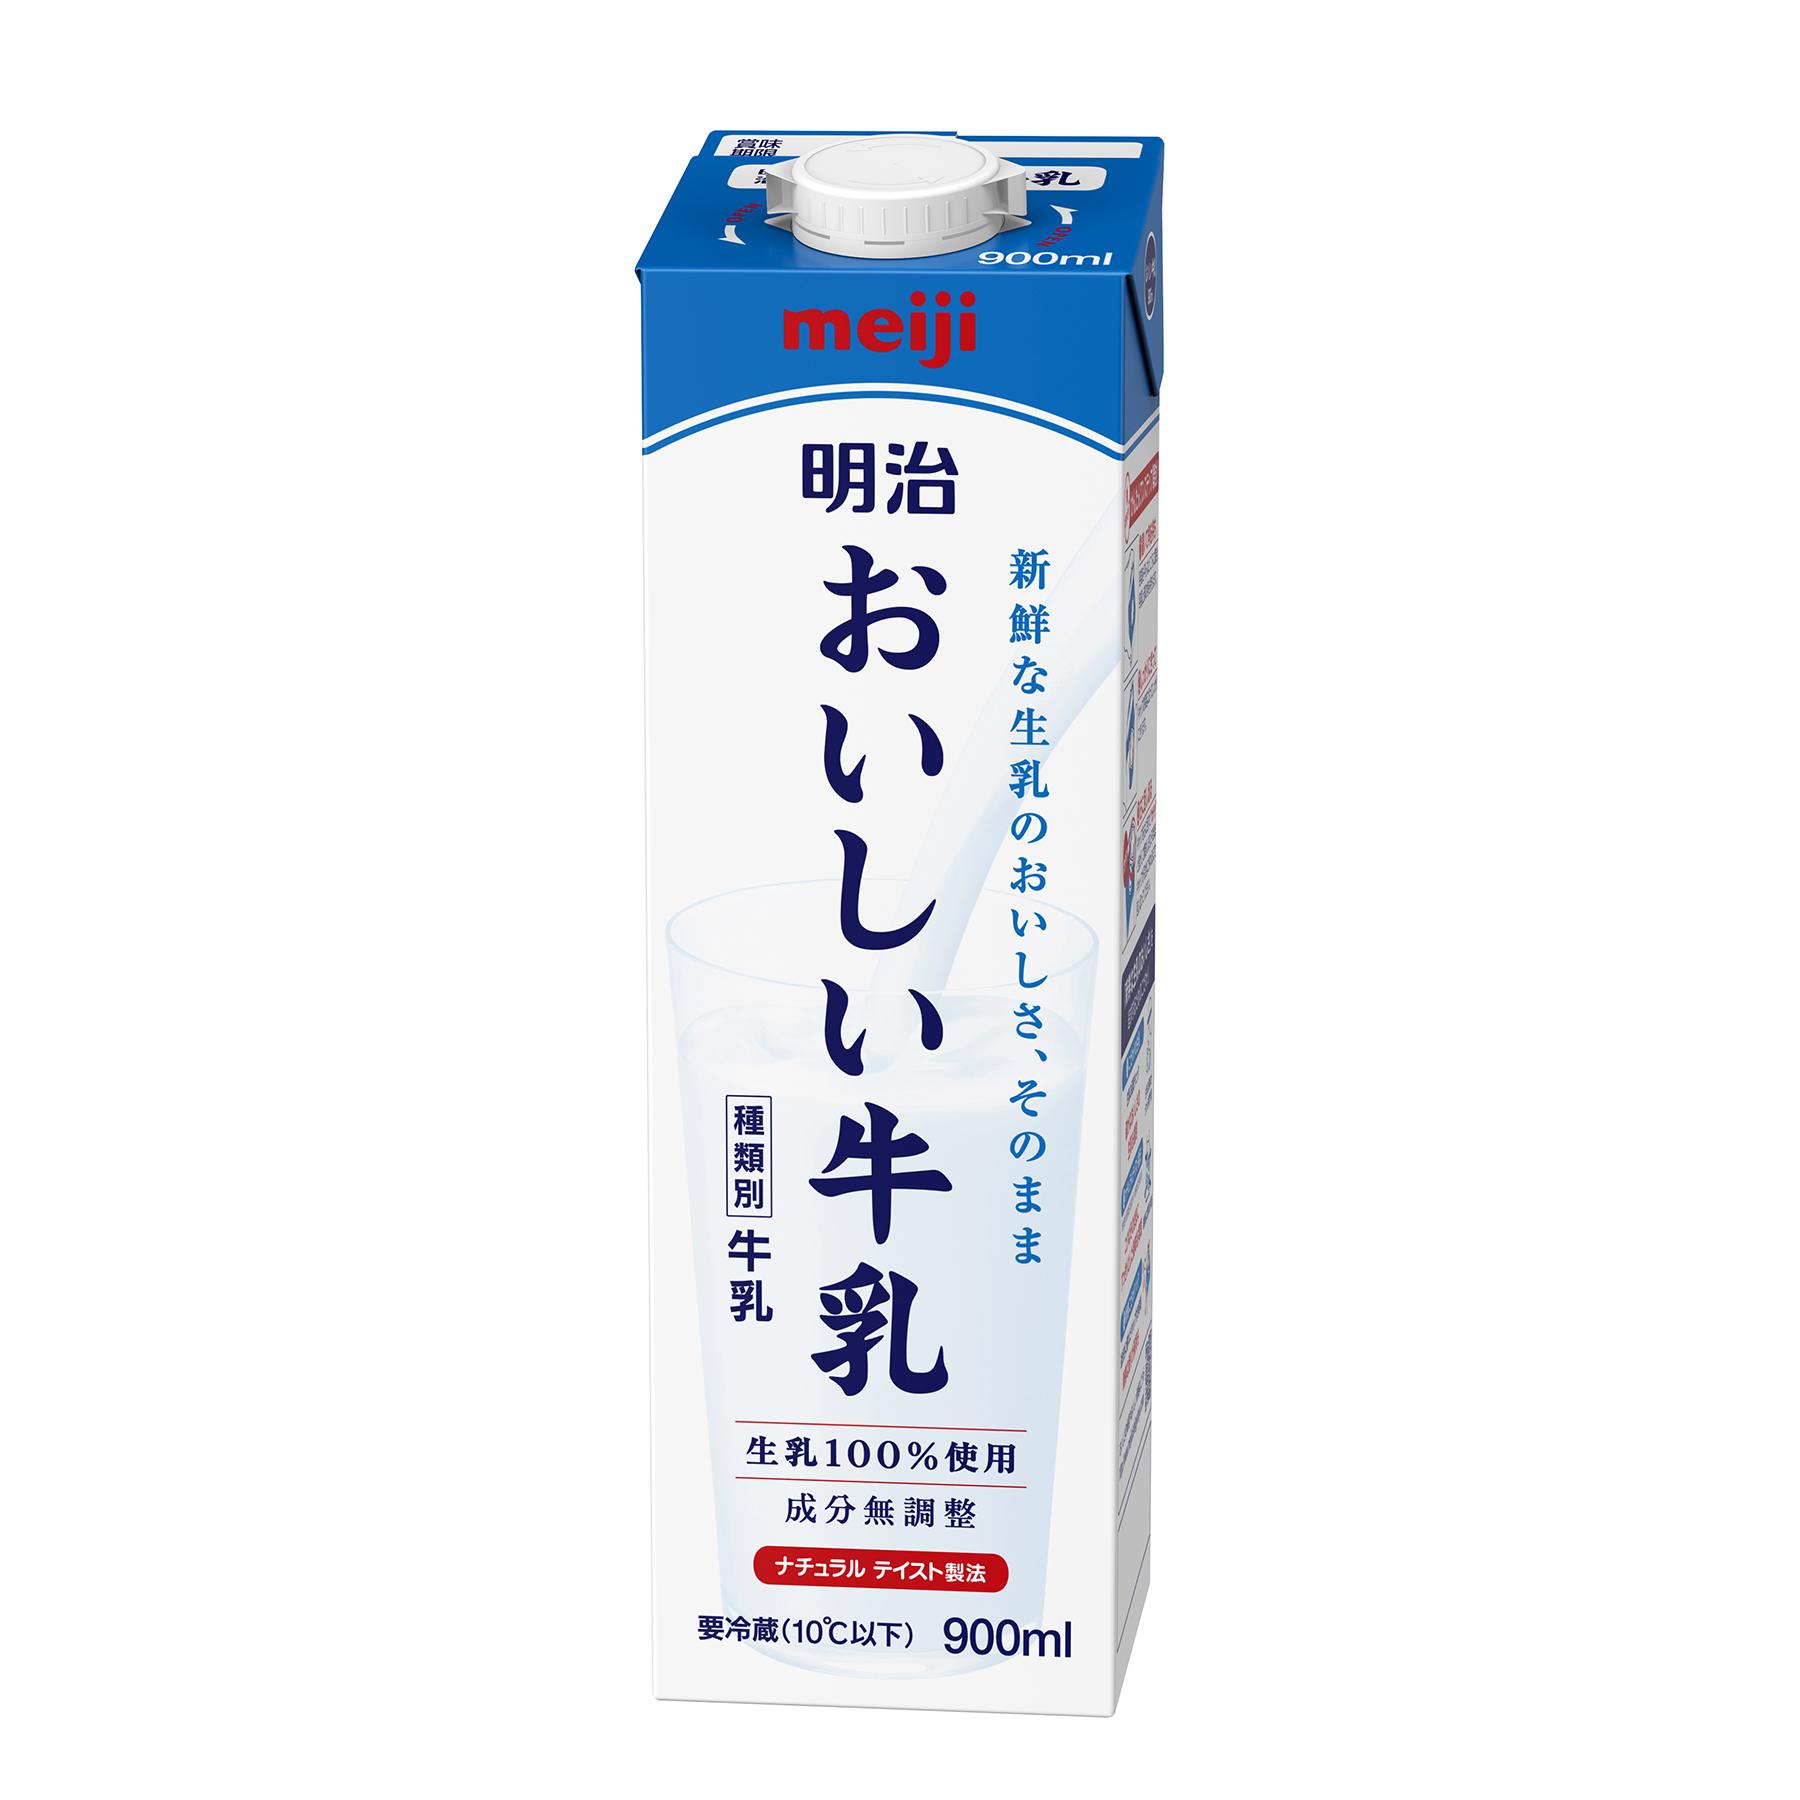 明治おいしい牛乳 / 2001〜 | パッケージ